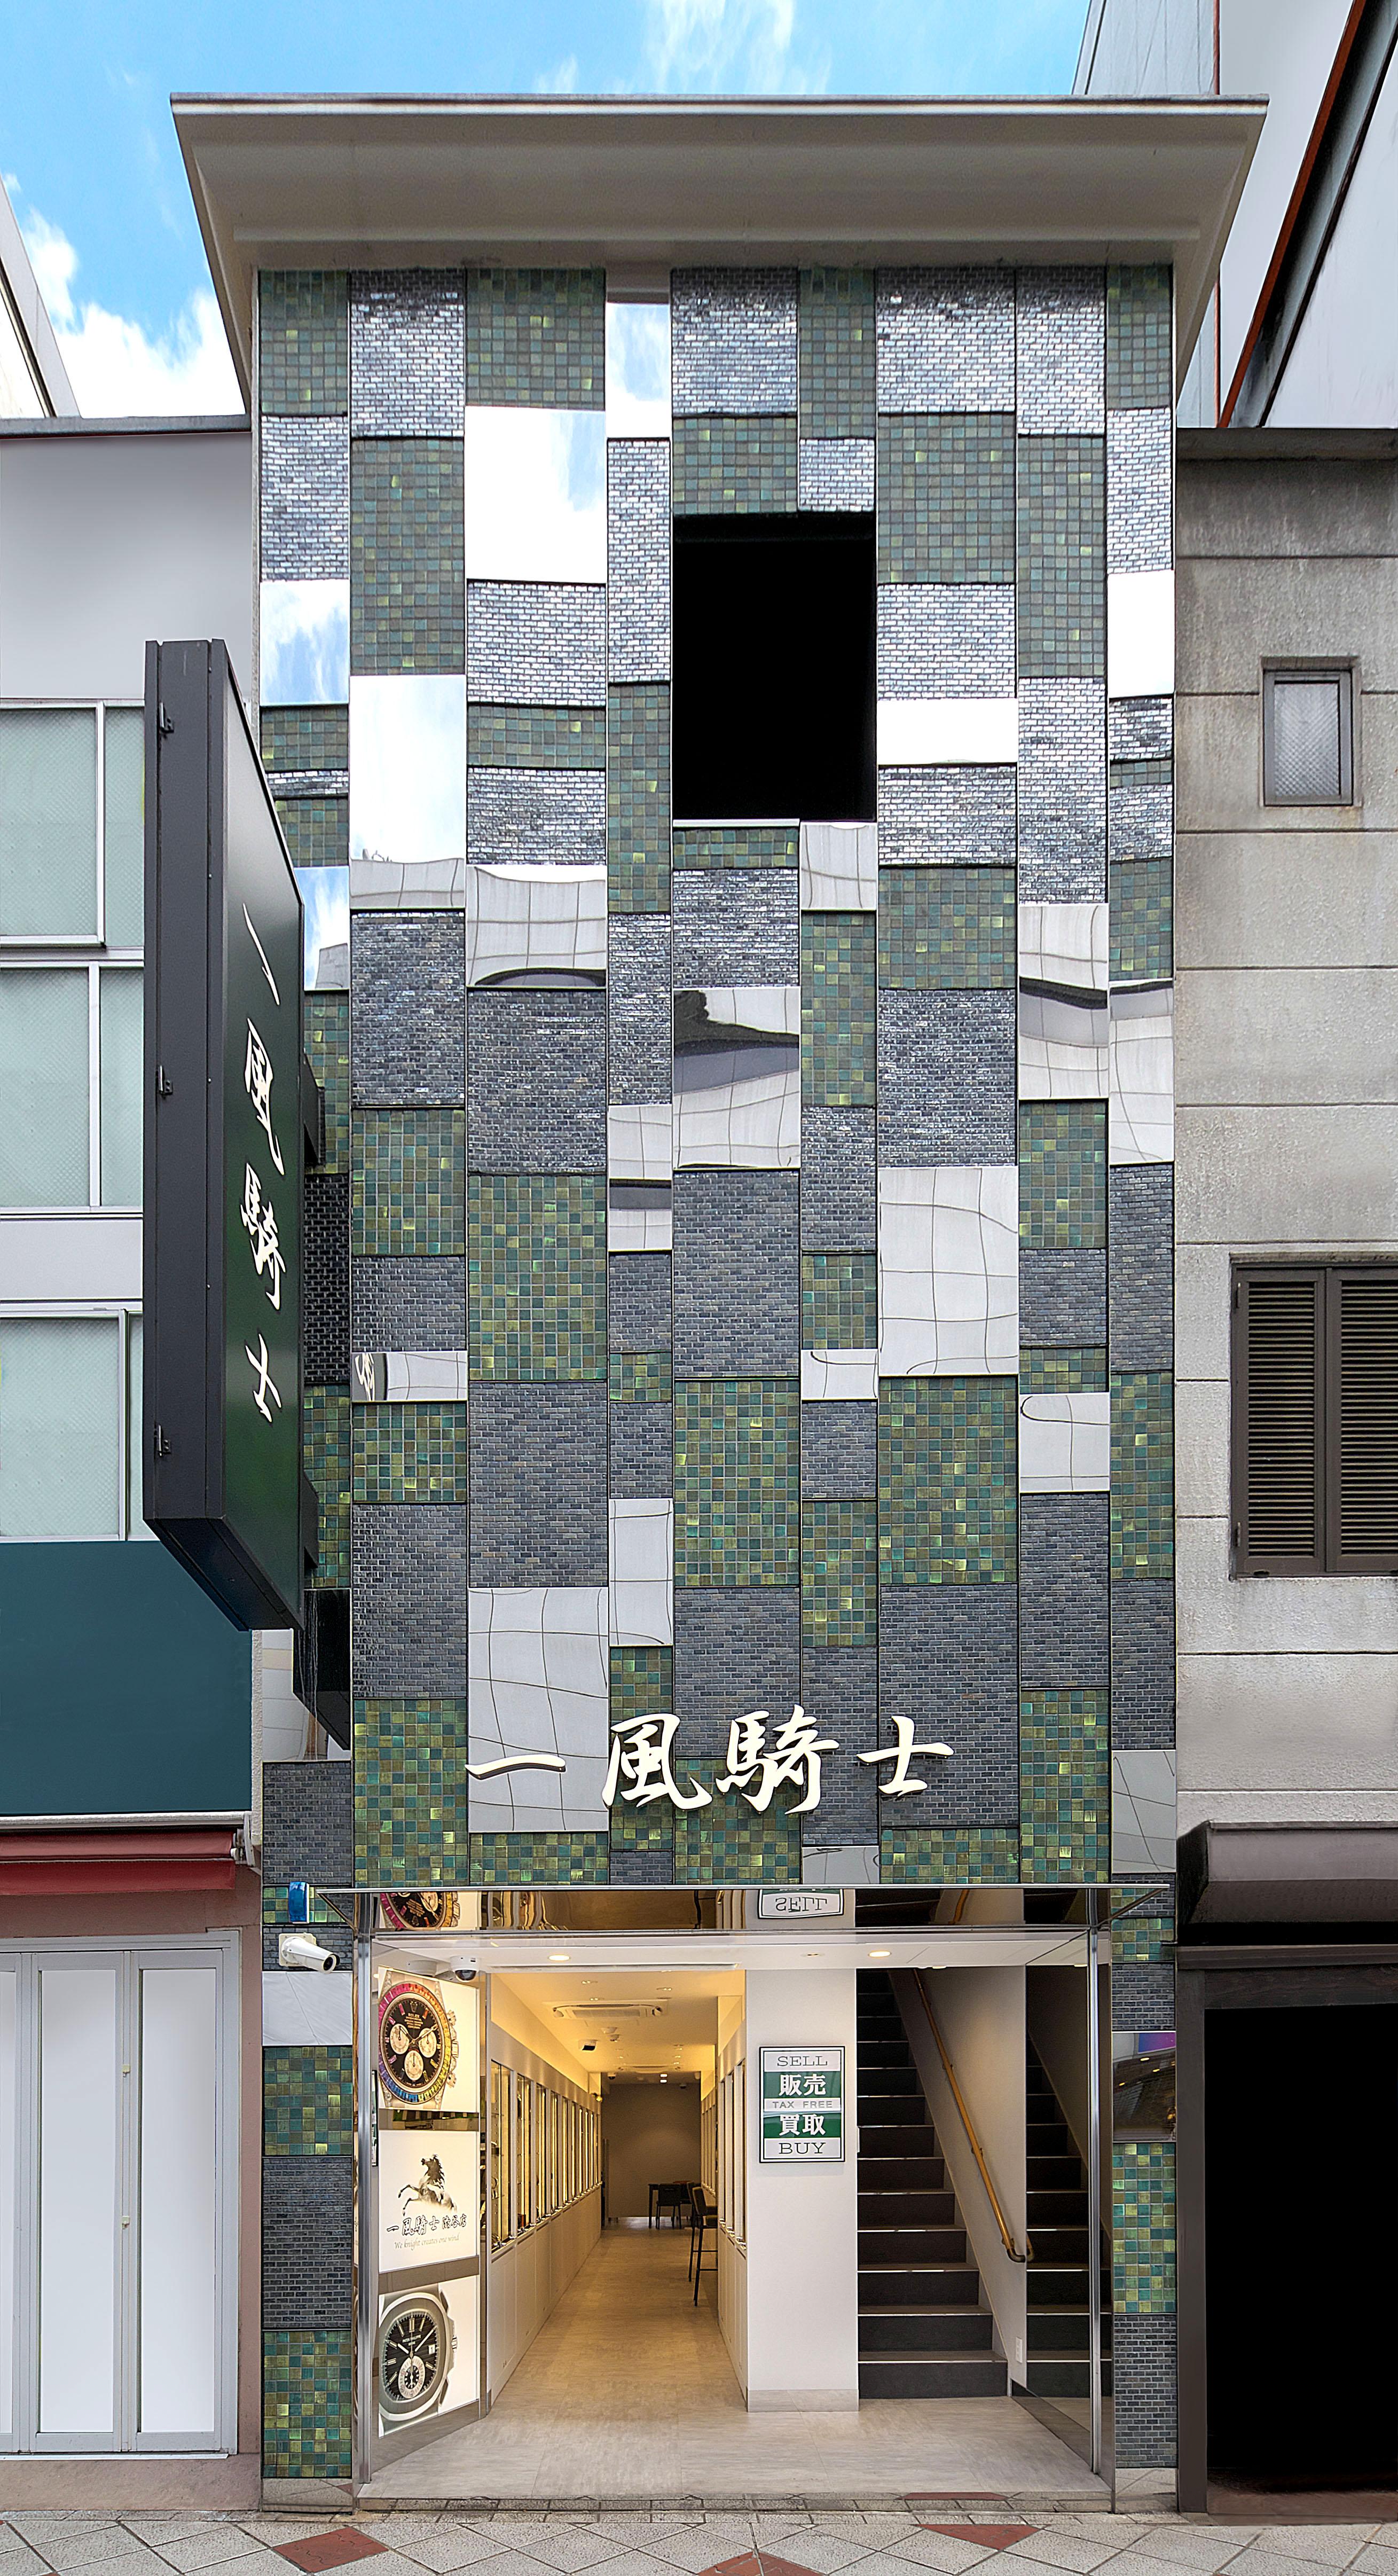 一風騎士 渋谷店-1